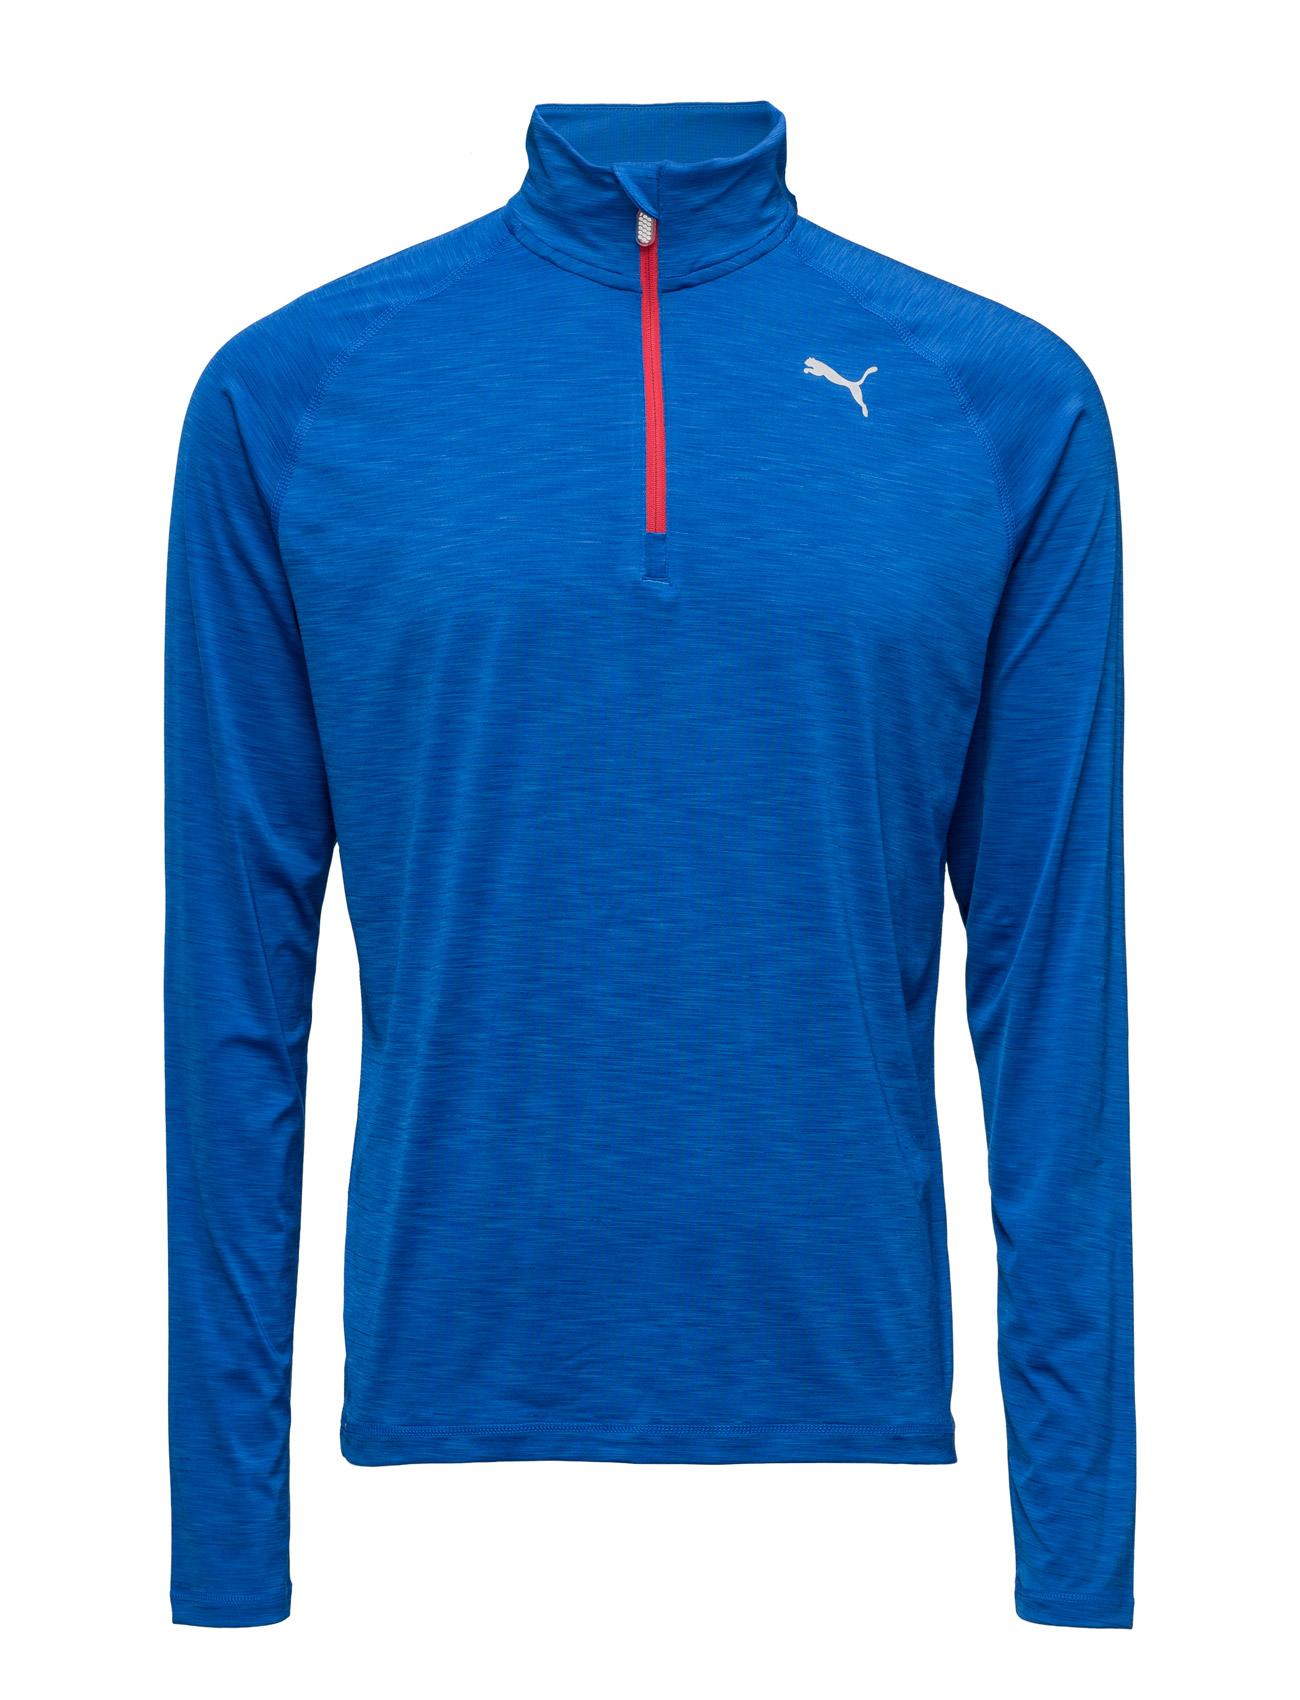 Core-Run Ls Hz Tee PUMA SPORT Sports sweatshirts til Herrer i